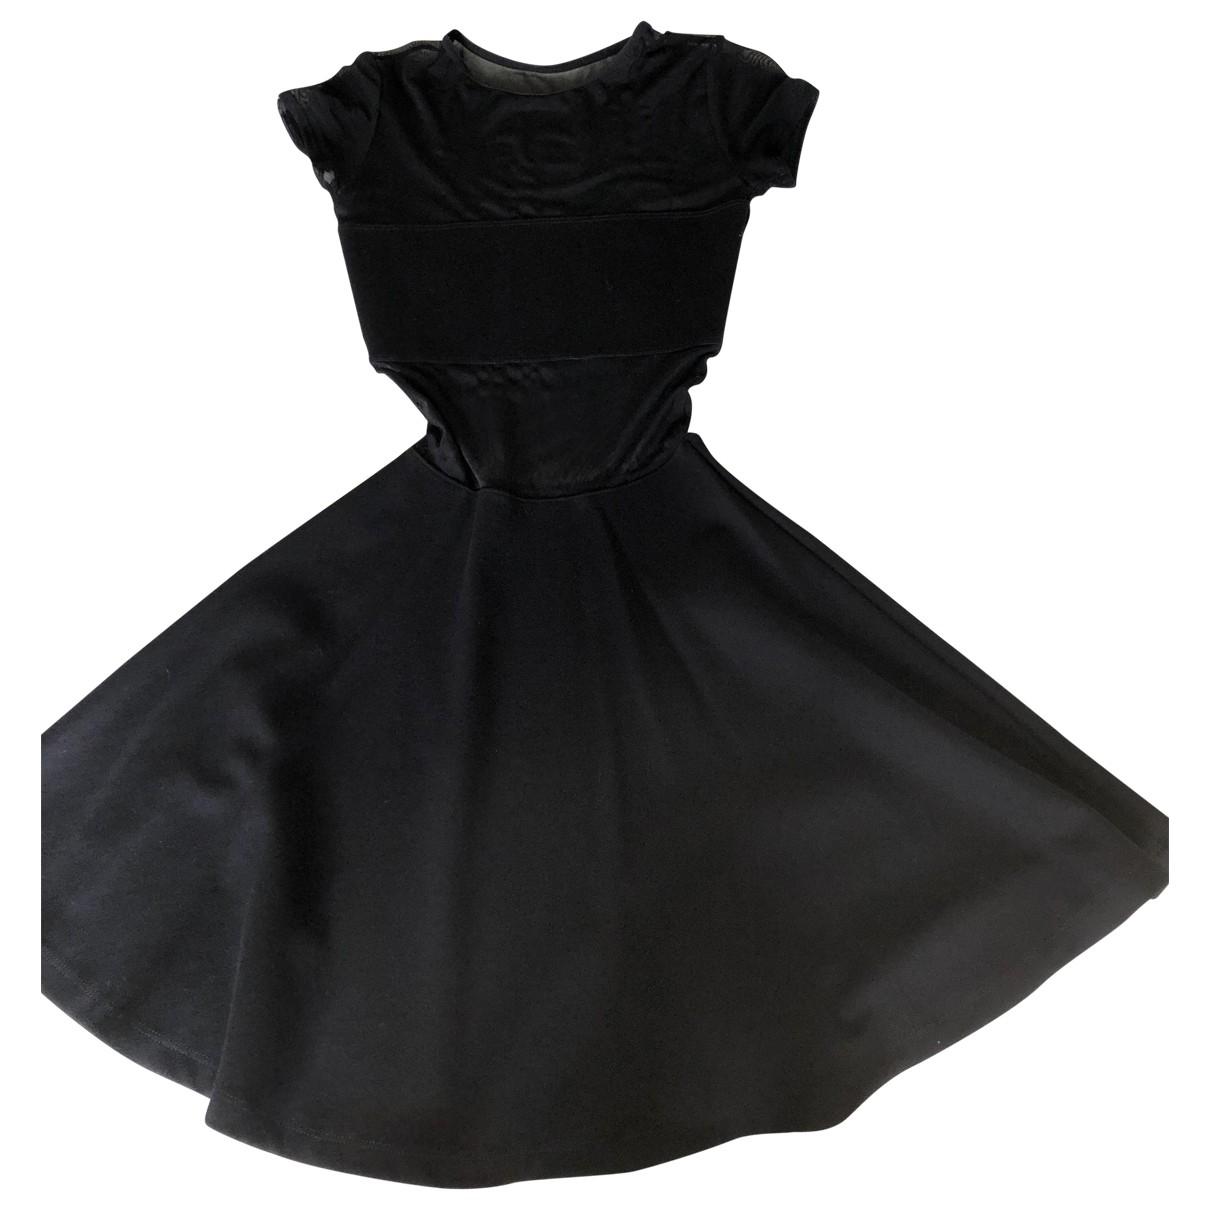 American Apparel \N Kleid in  Schwarz Baumwolle - Elasthan